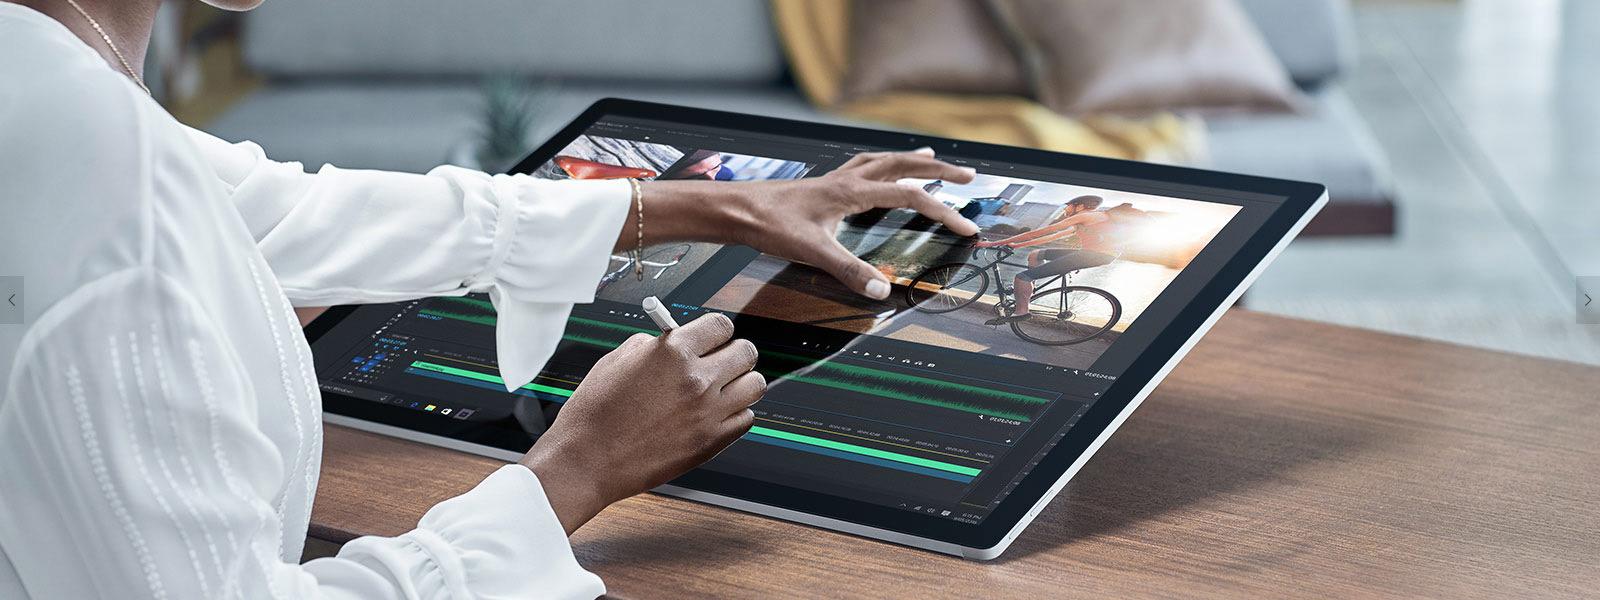 有個人在螢幕上使用 Surface 手寫筆和觸控功能。